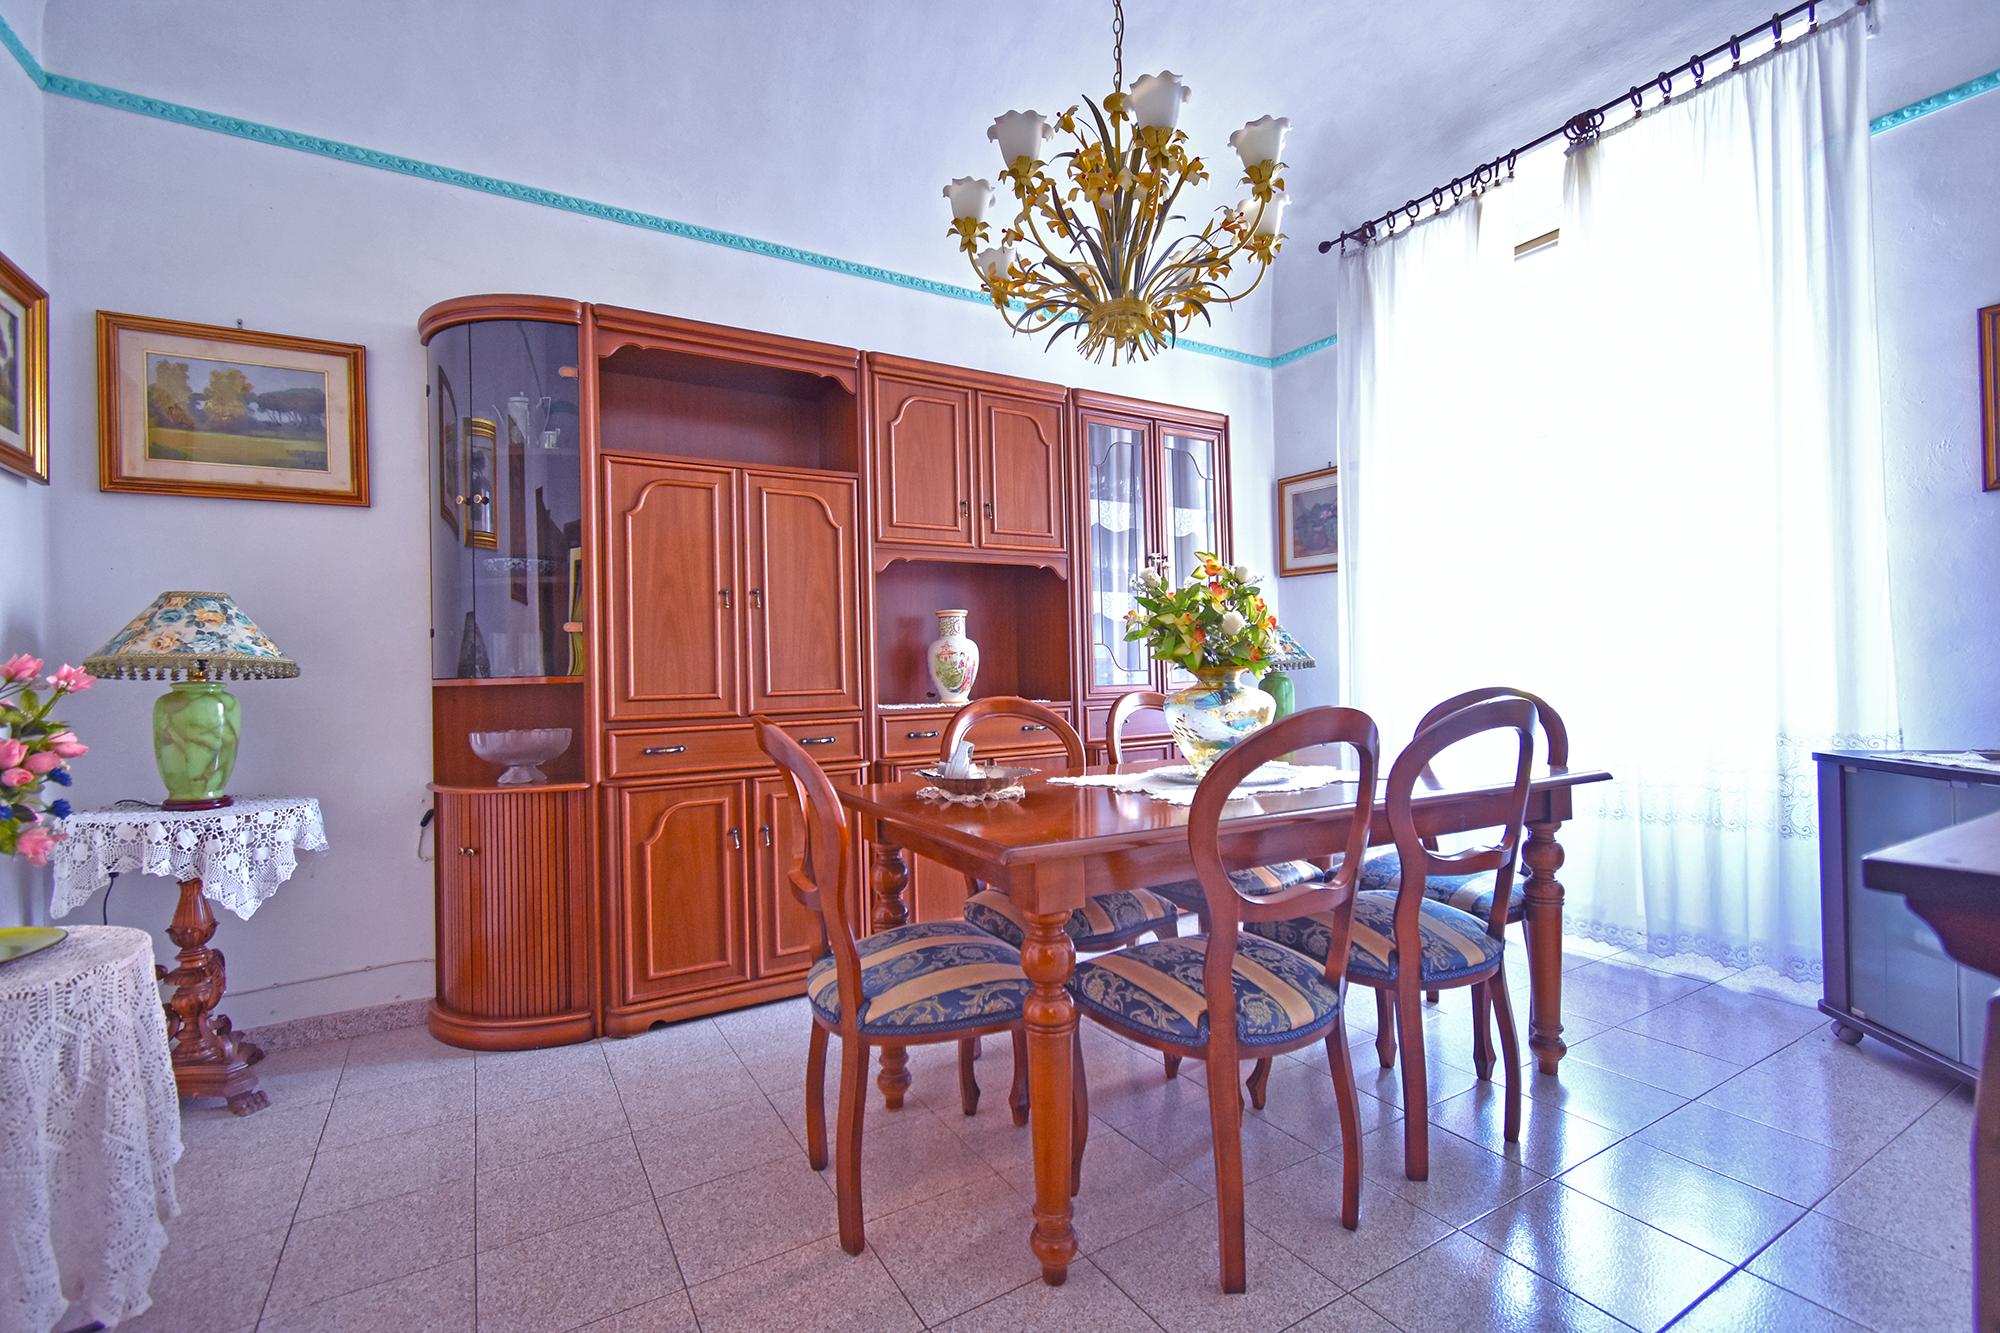 Casa La Facoltà – Appartamento di 5 vani, ideale per investimento – Via Matteucci, Zona Piagge, Pisa